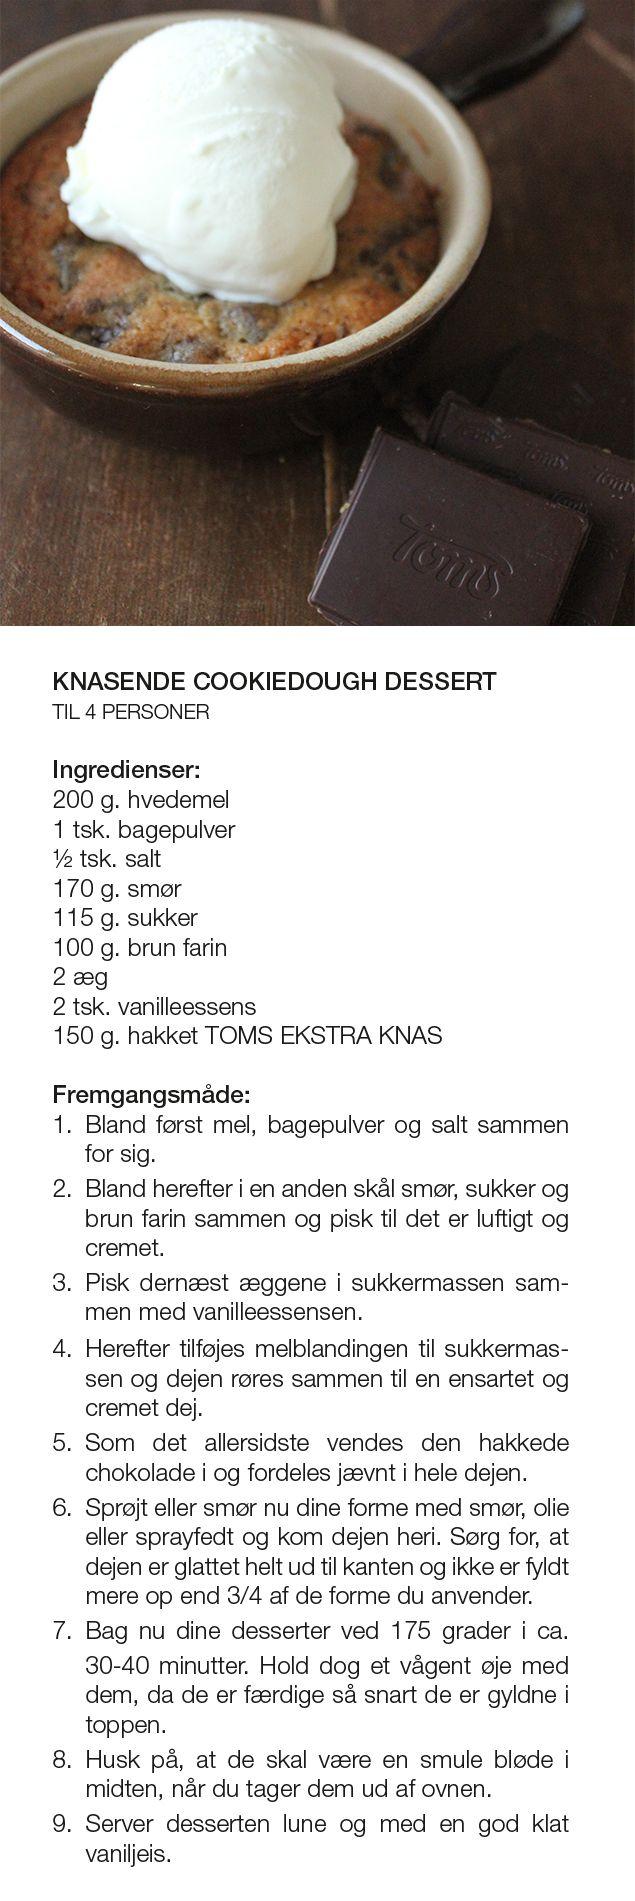 Knasende Cookiedough Dessert